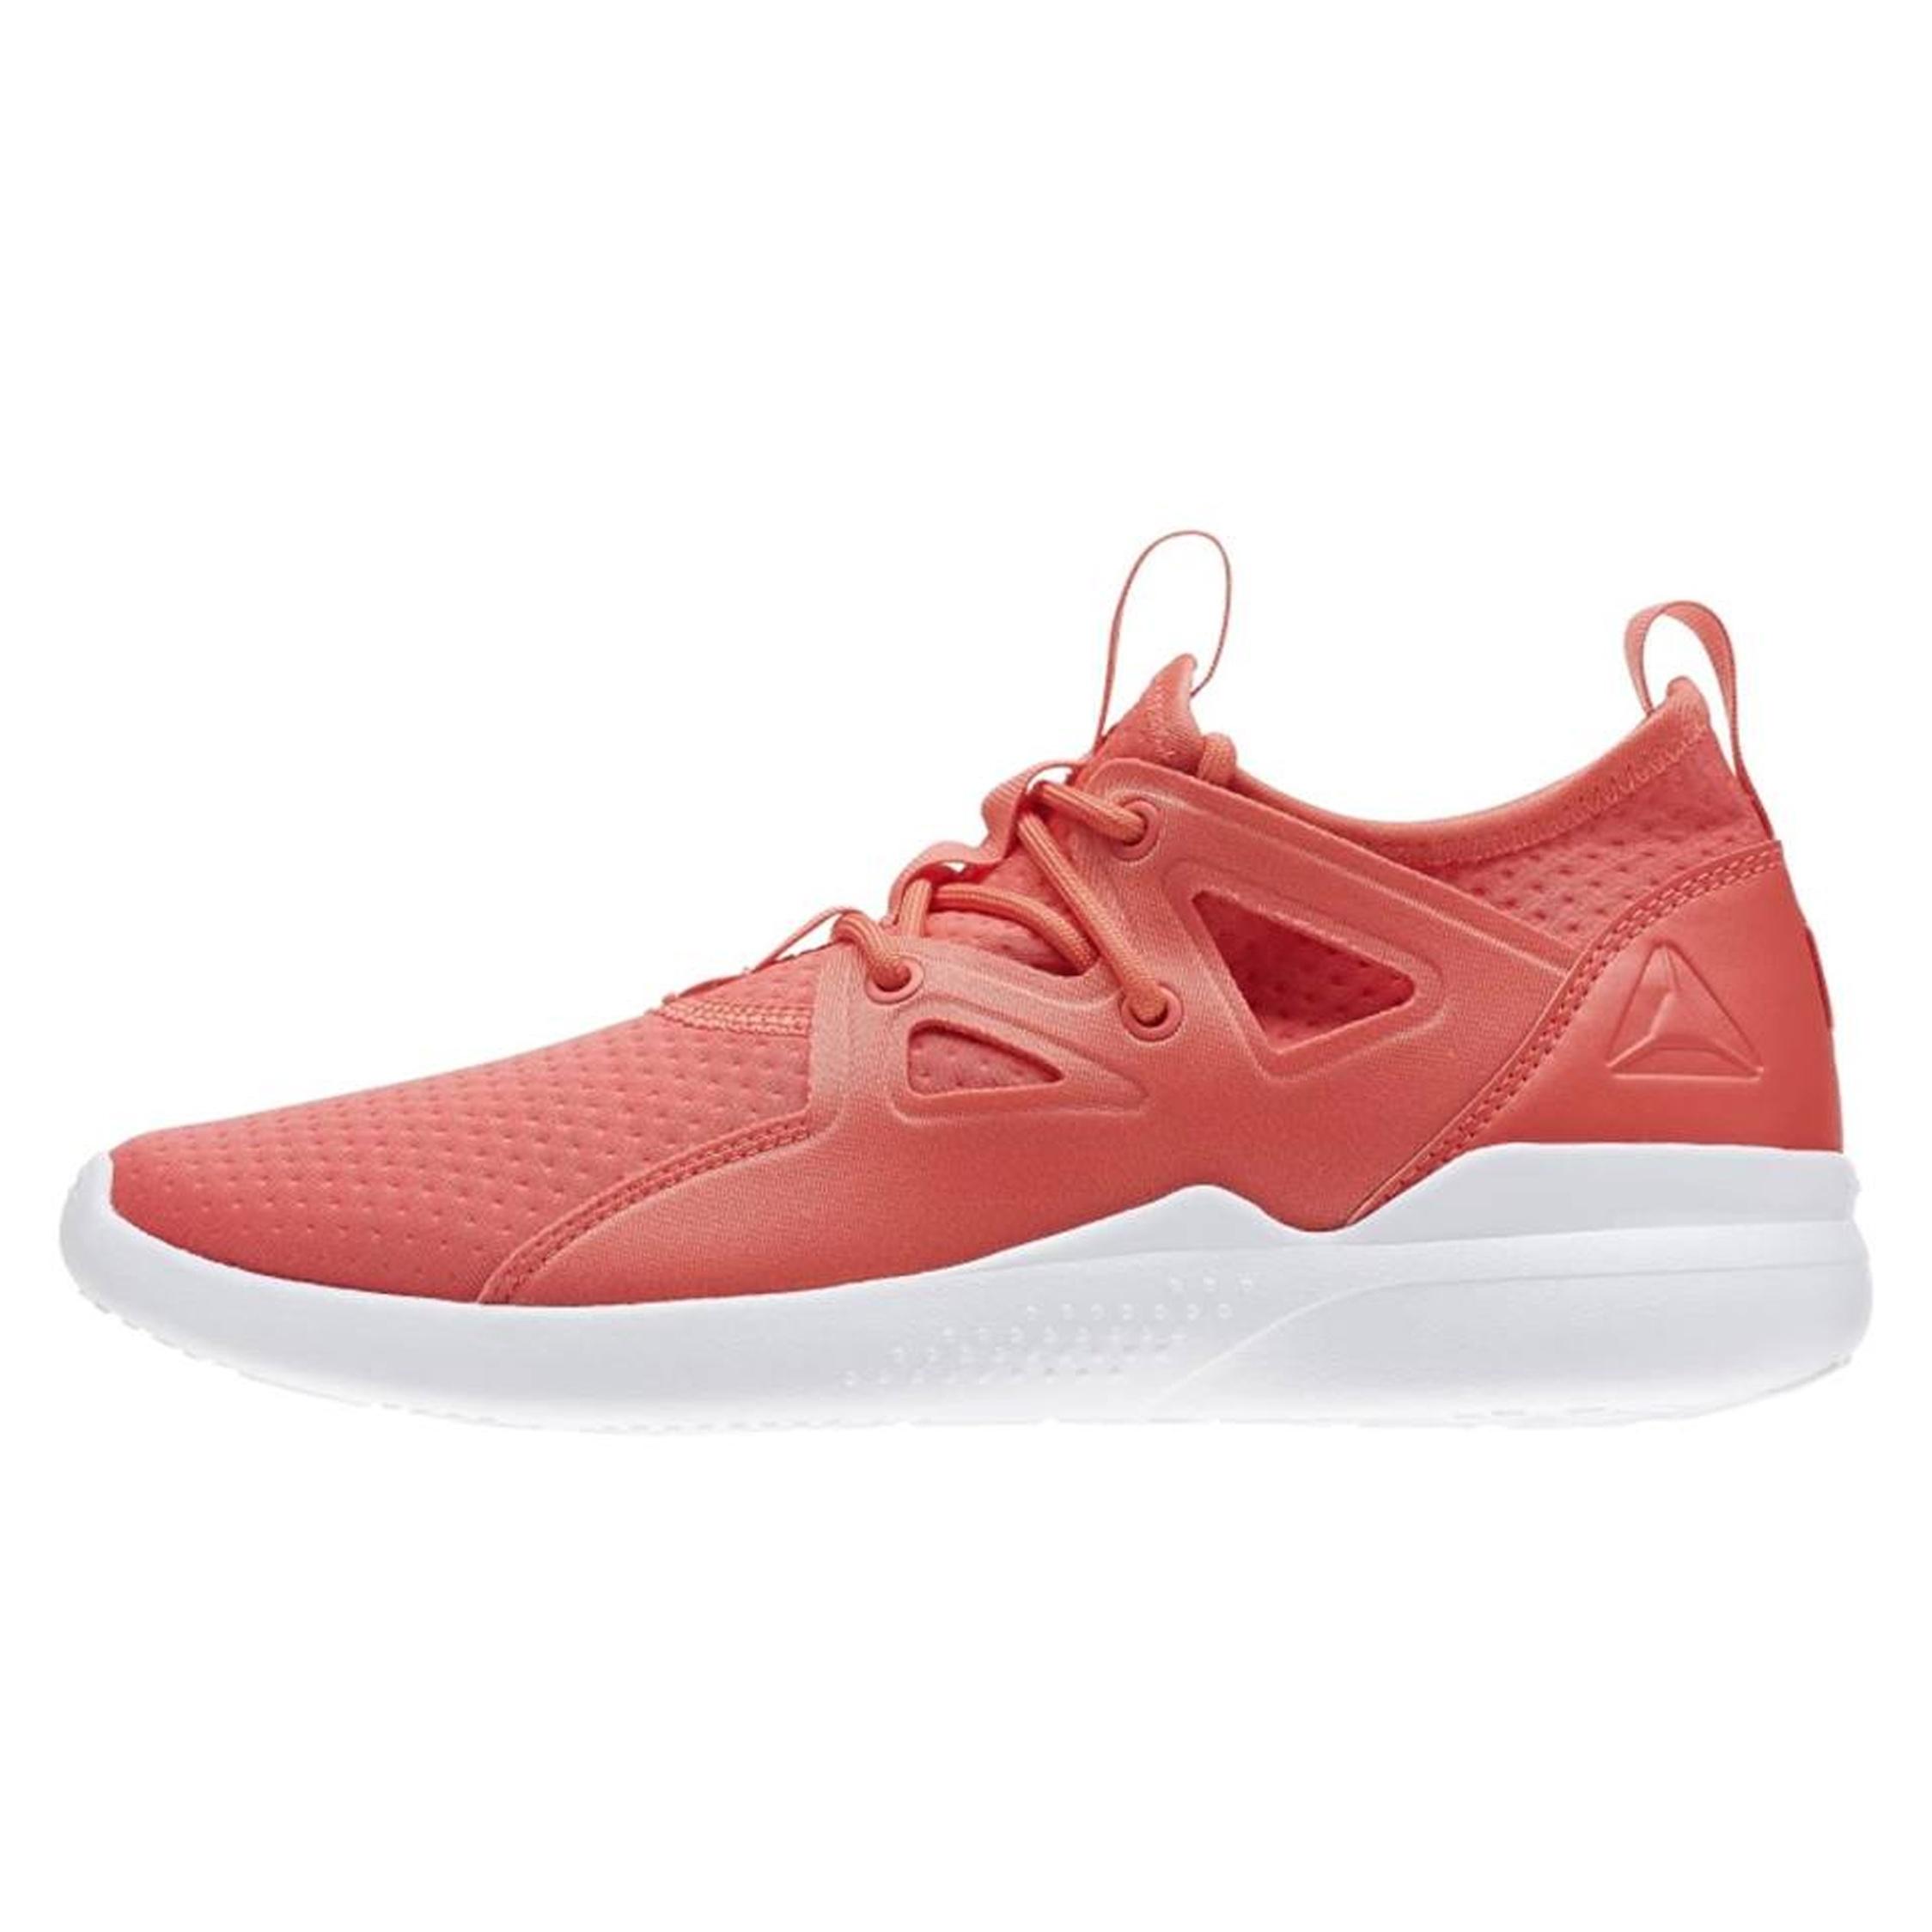 کفش زنانه ریباک مدل Cardio Motion